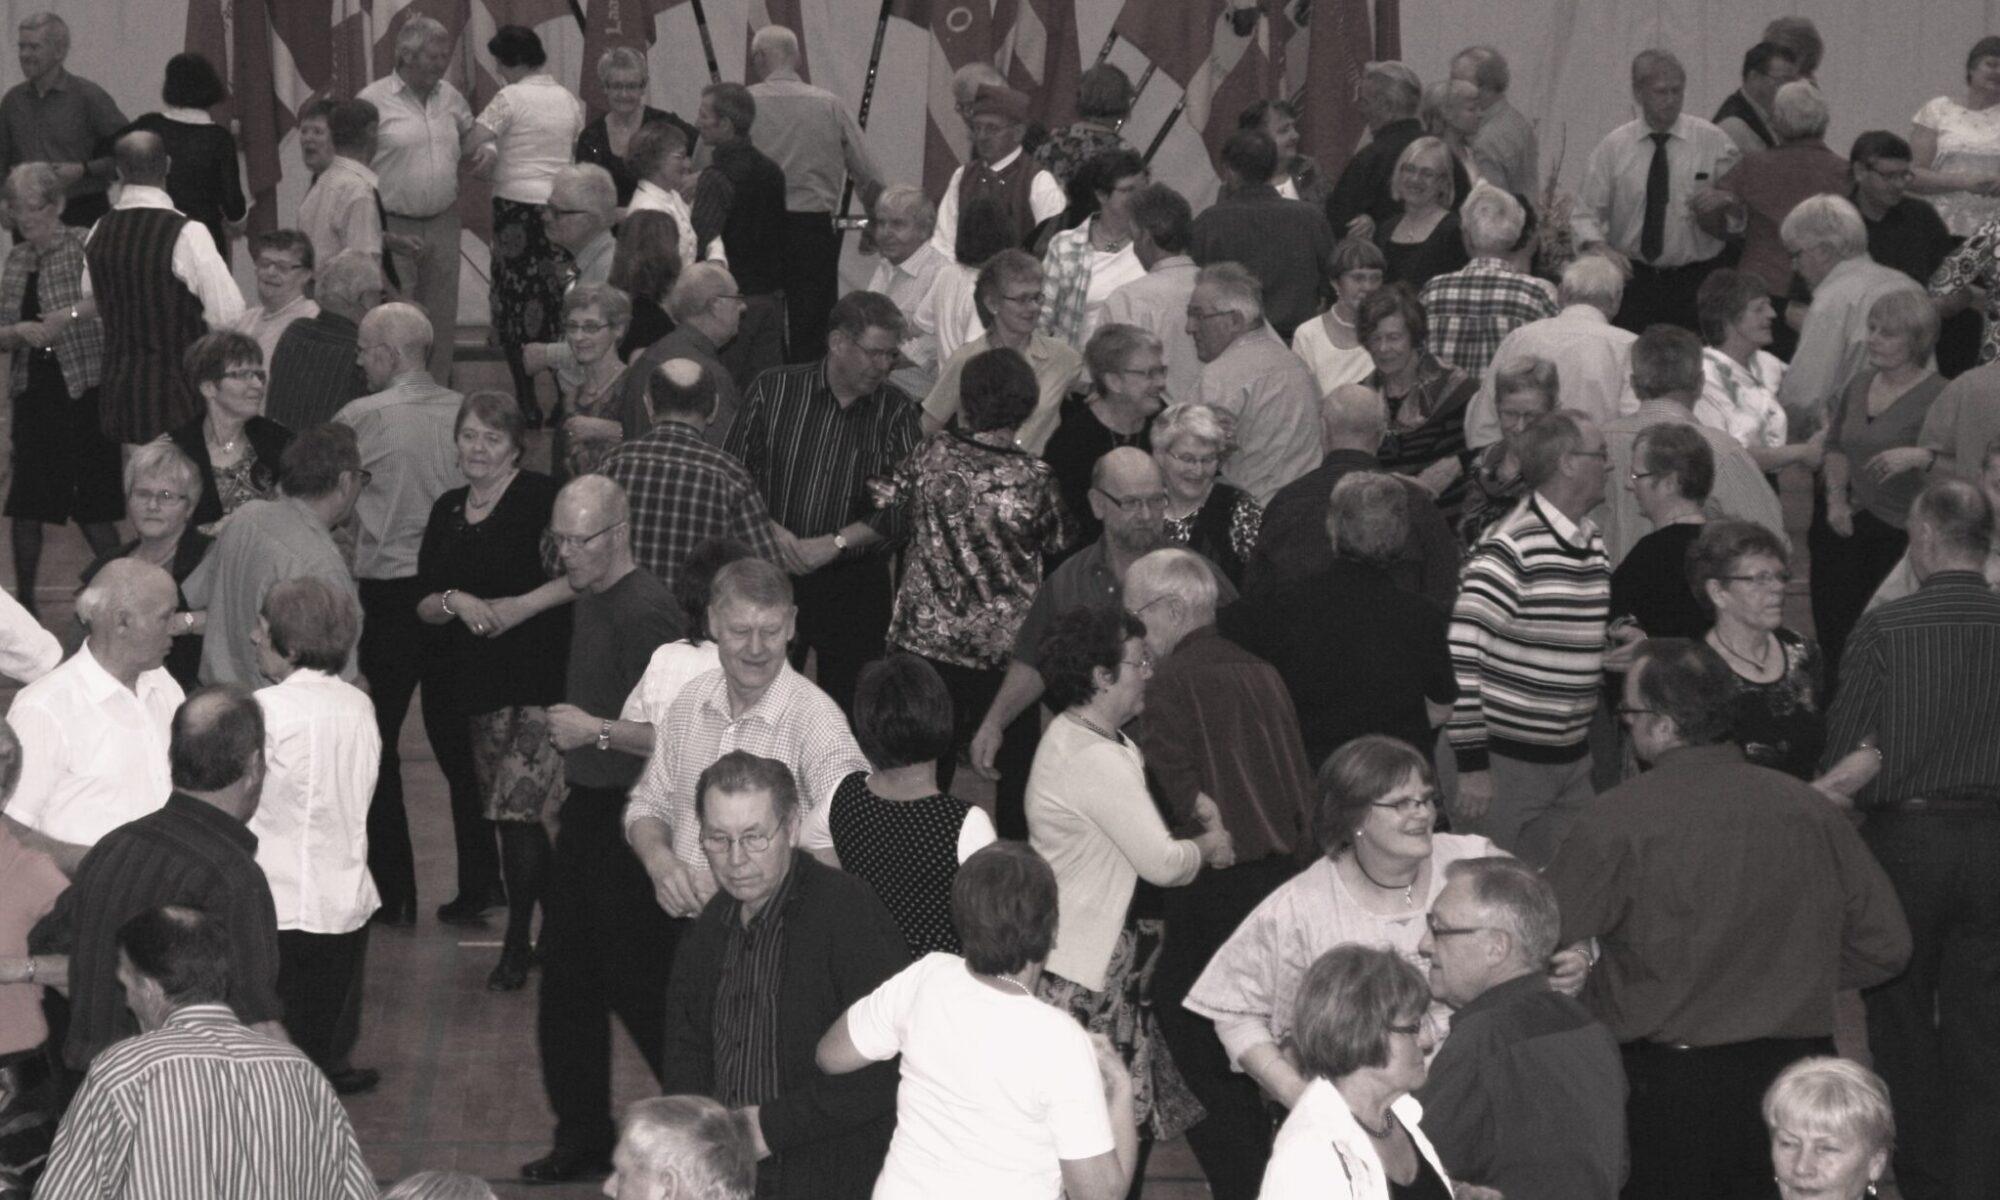 Låsby og Omegns Folkedanserforening